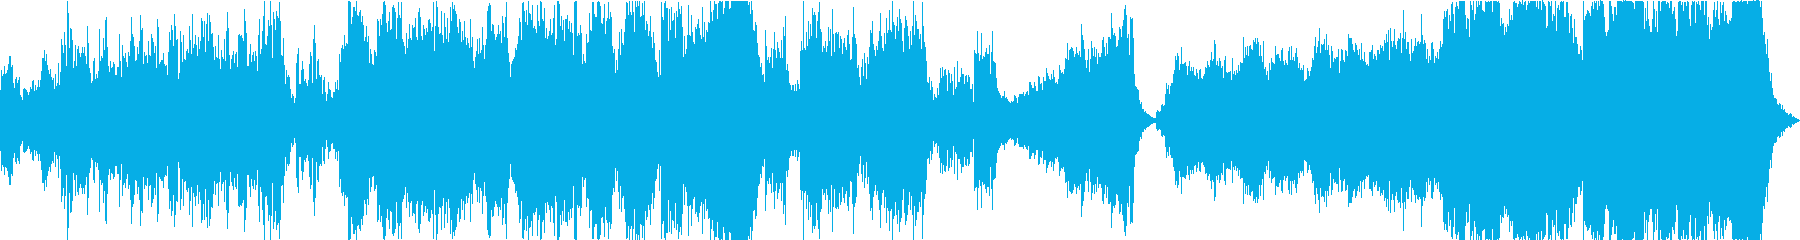 映像向けのハリウッド系オーケストラ曲の再生済みの波形